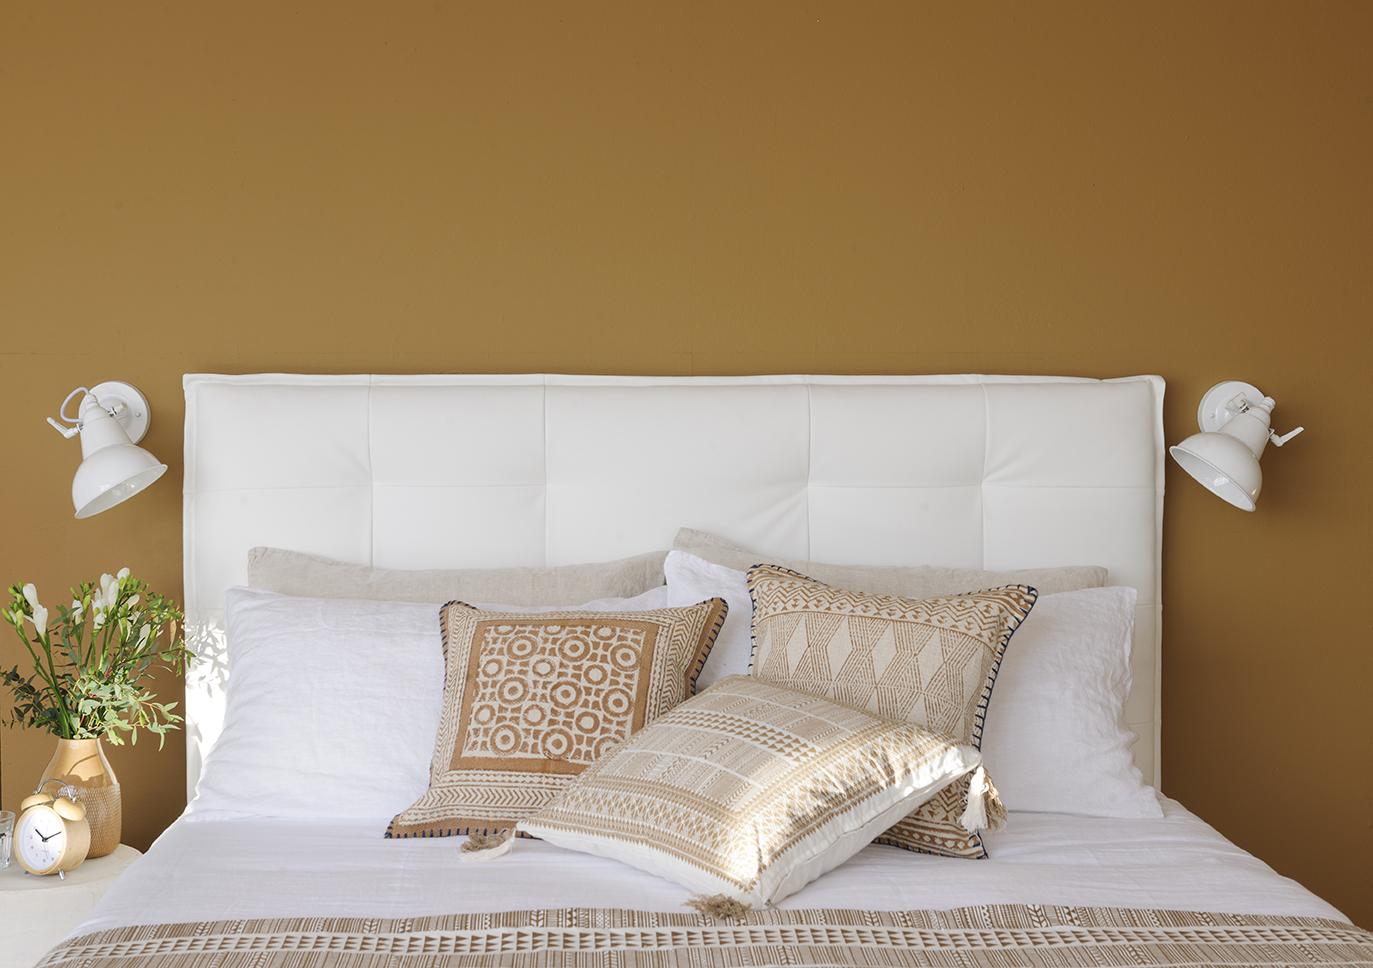 Consigue un dormitorio top - Cabeceros en blanco ...